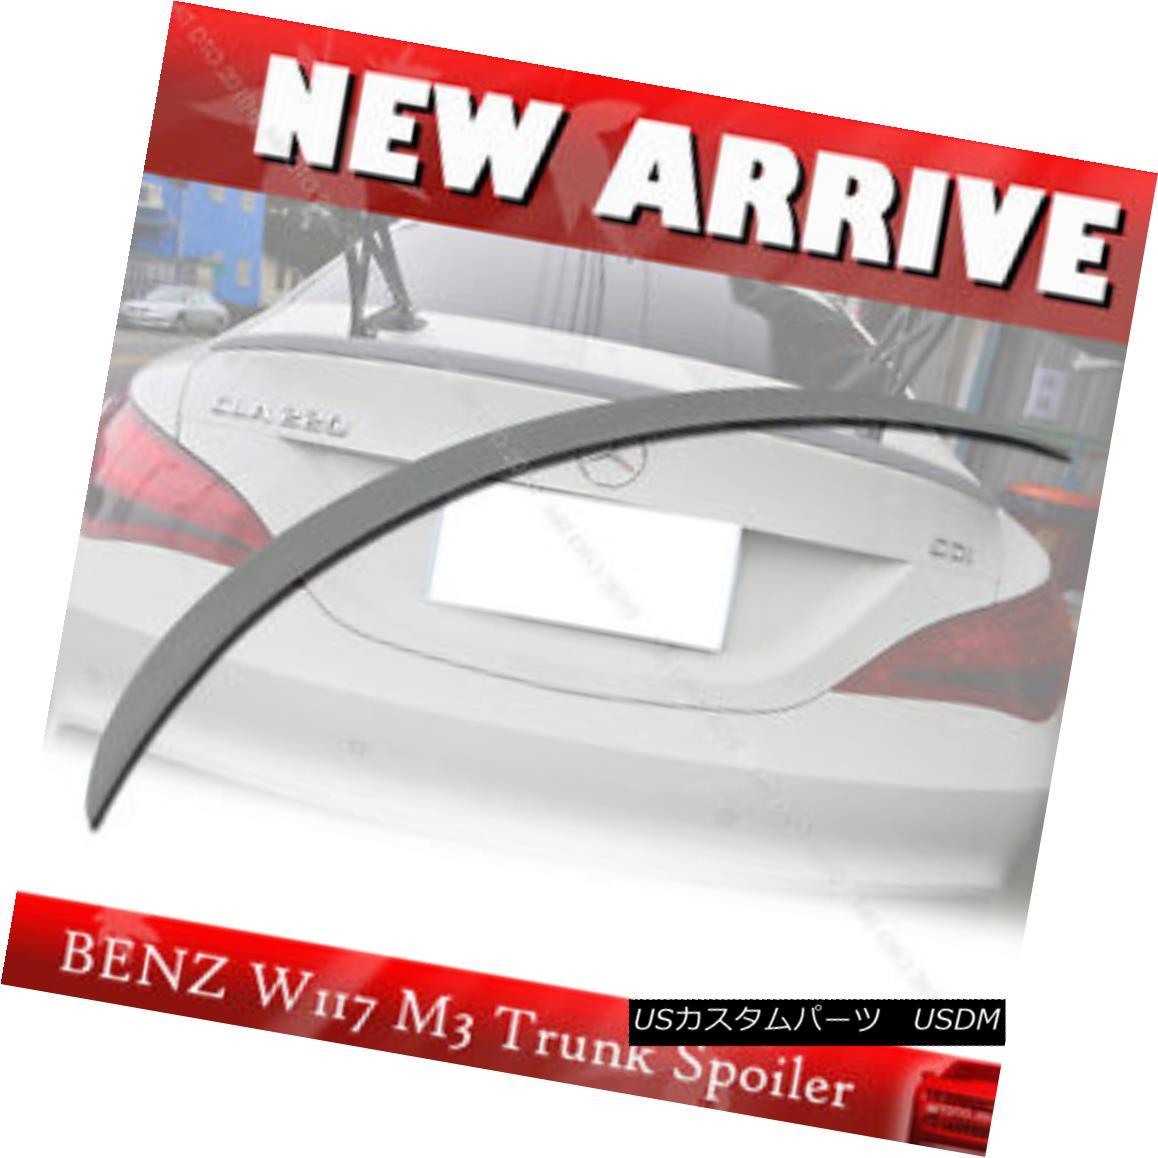 エアロパーツ Mercedes BENZ C117 W117 CLA-Class M3 CLA200 Sedan Rear Trunk Spoiler 14-16 § メルセデスベンツC117 W117 CLAクラスM3 CLA200セダンリアトランクスポイラー14-16